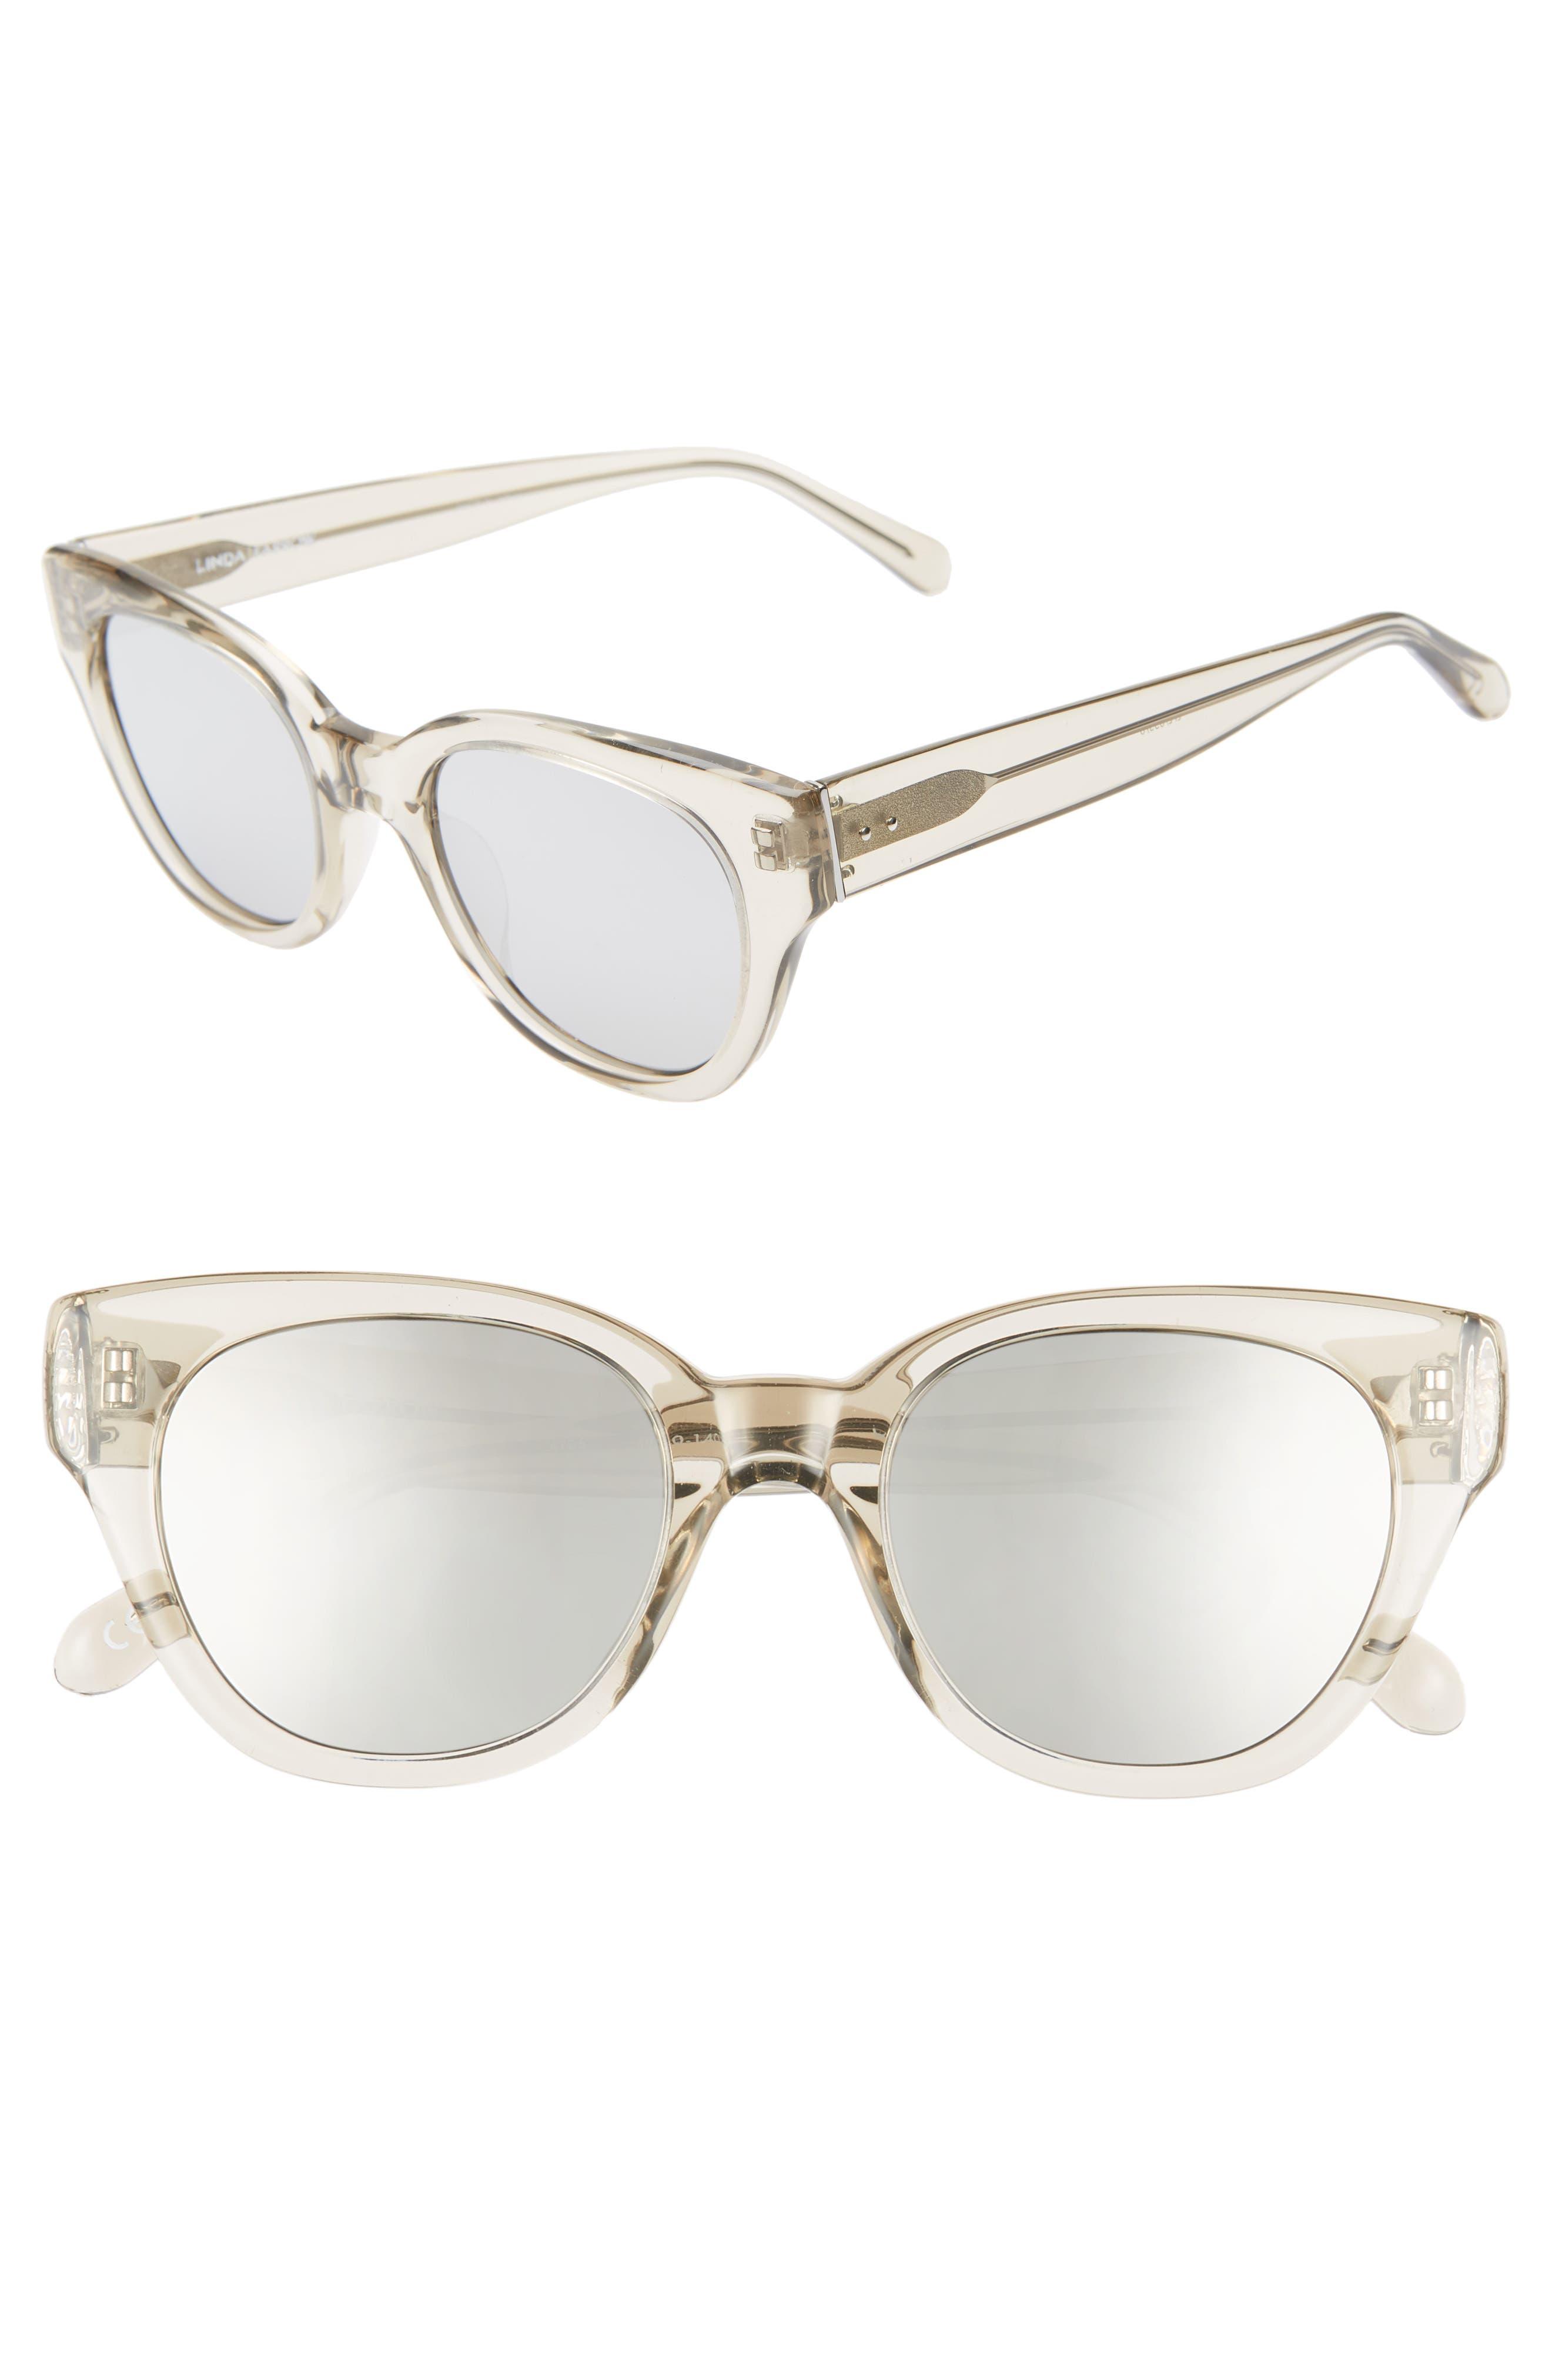 d58eb61b046e Buy d-frame sunglasses   eyewear for women - Best women s d-frame ...